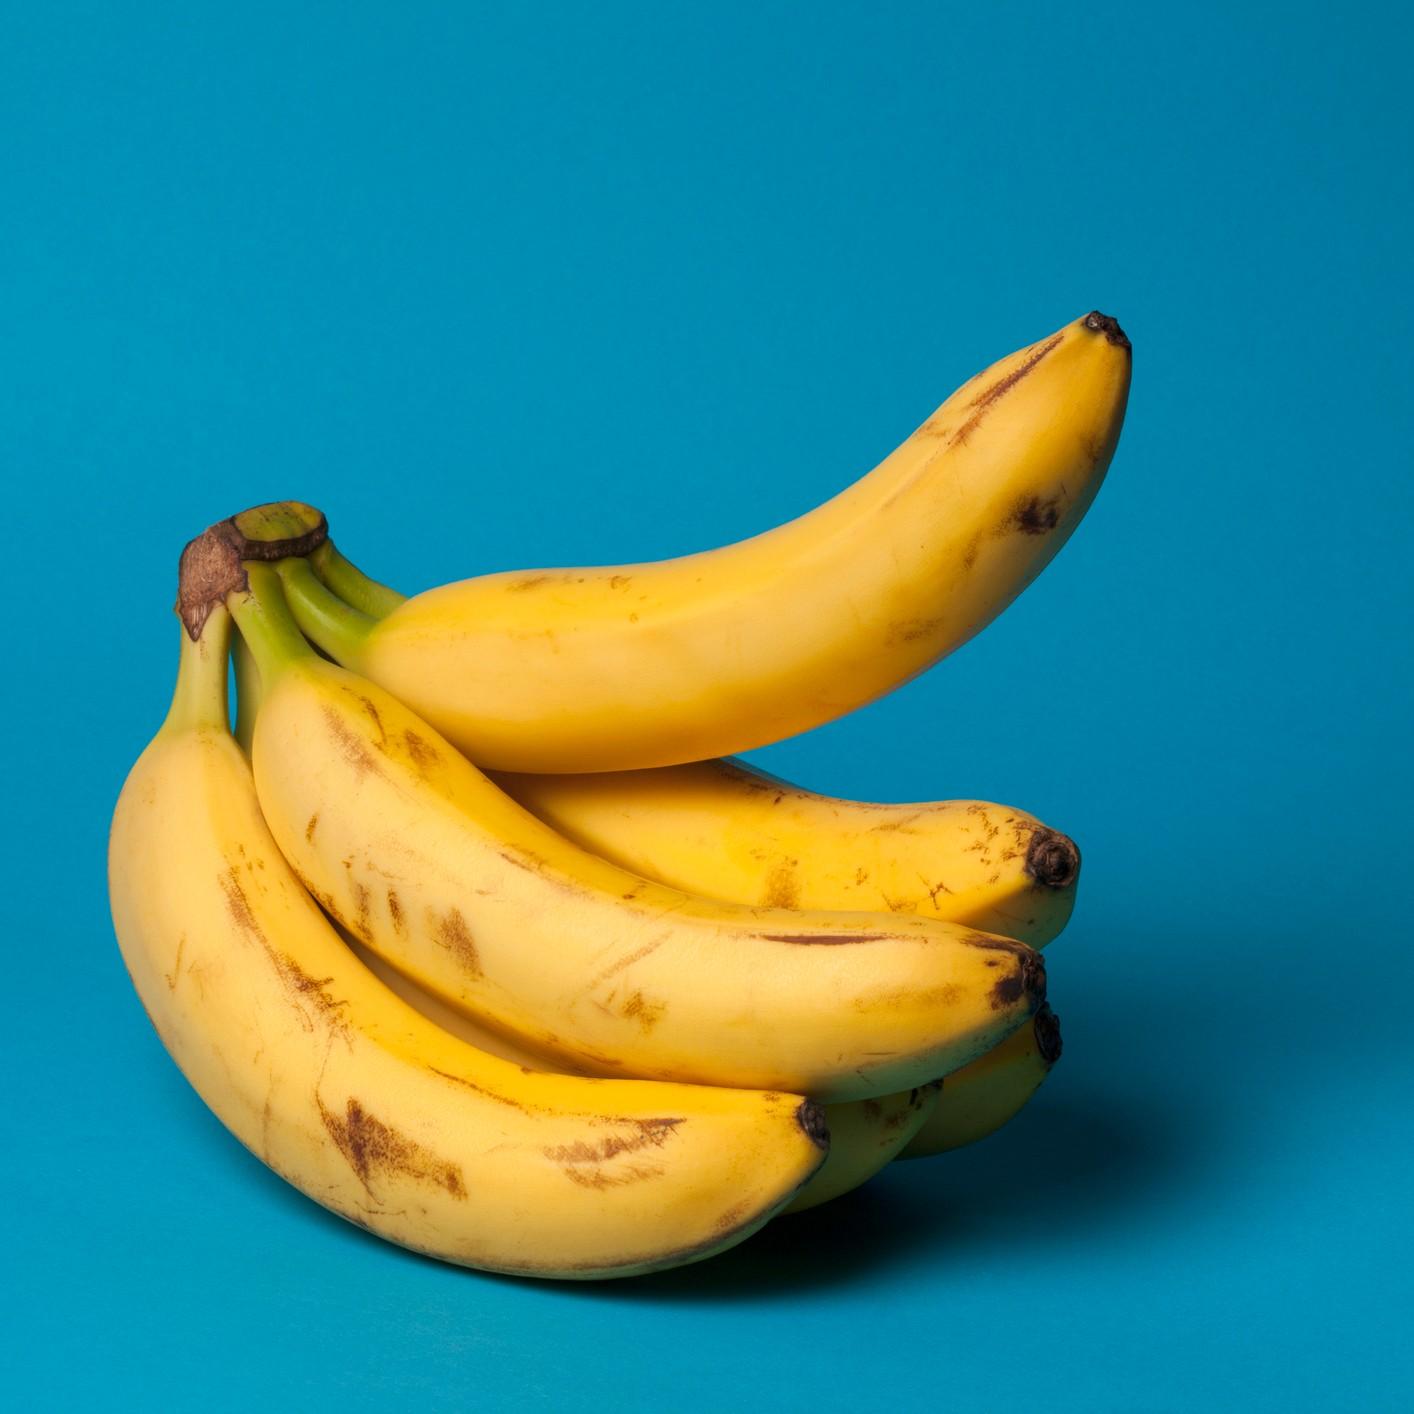 cel mai bun fruct pentru o erecție de câte ori se mărește penisul masculin